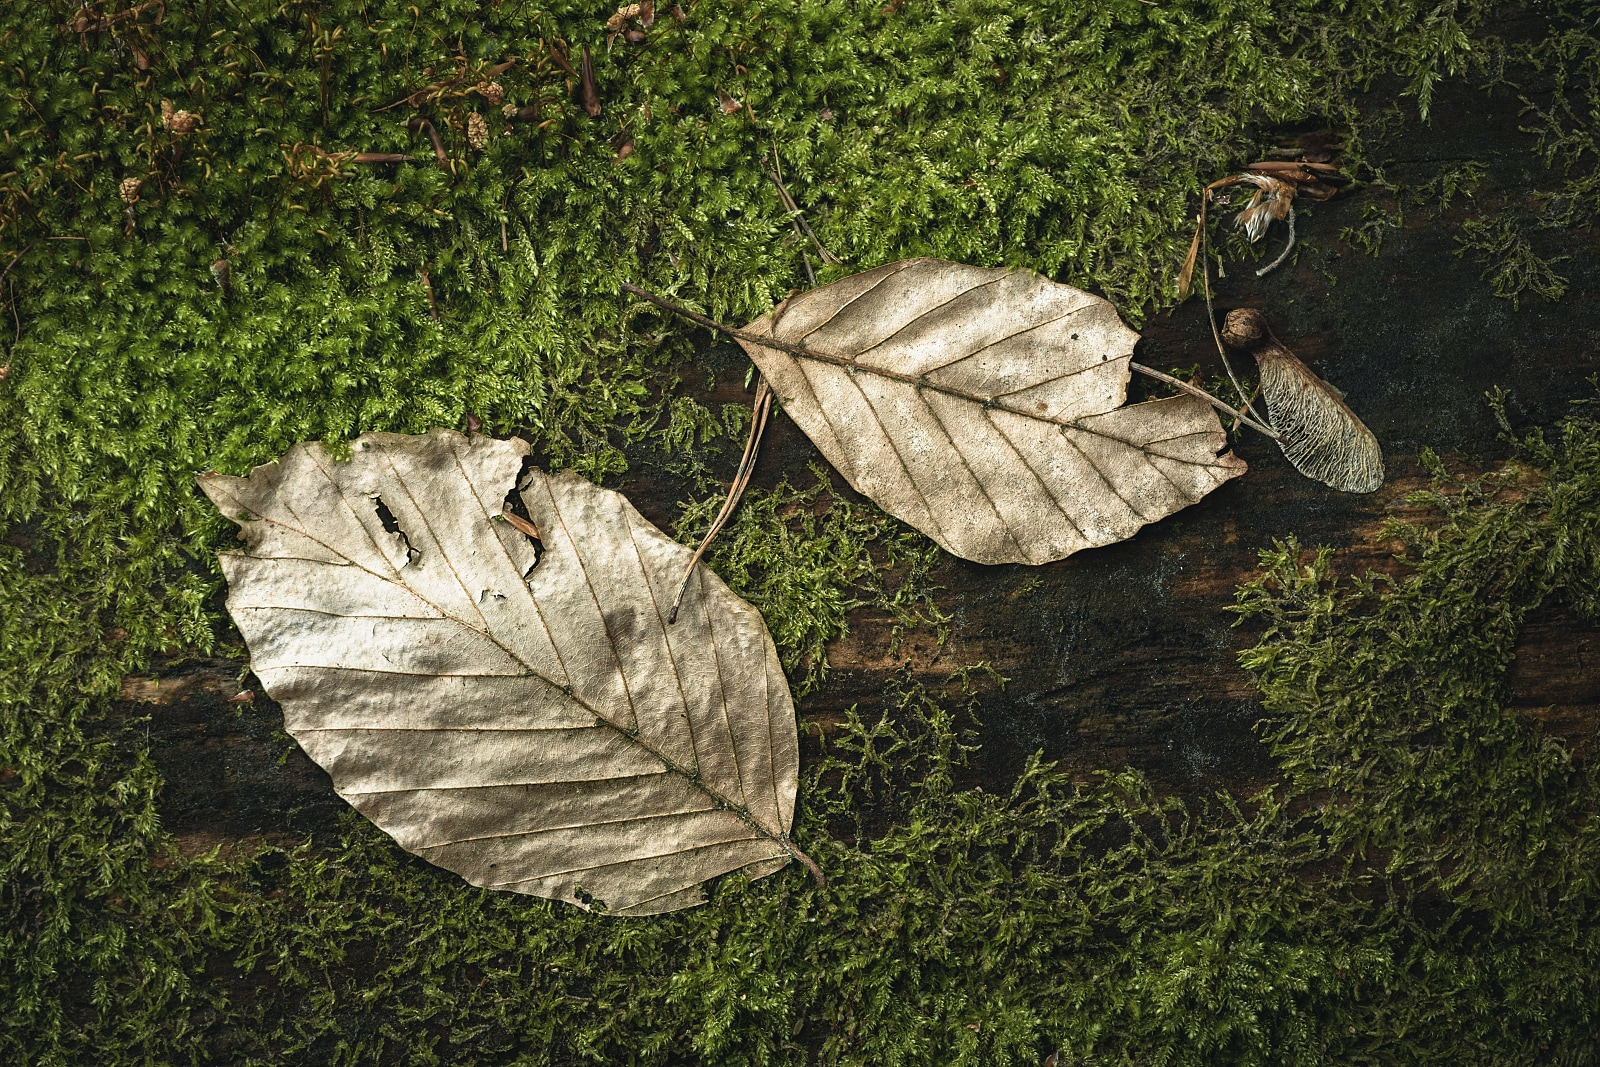 Leaves on a mossy fallen tree